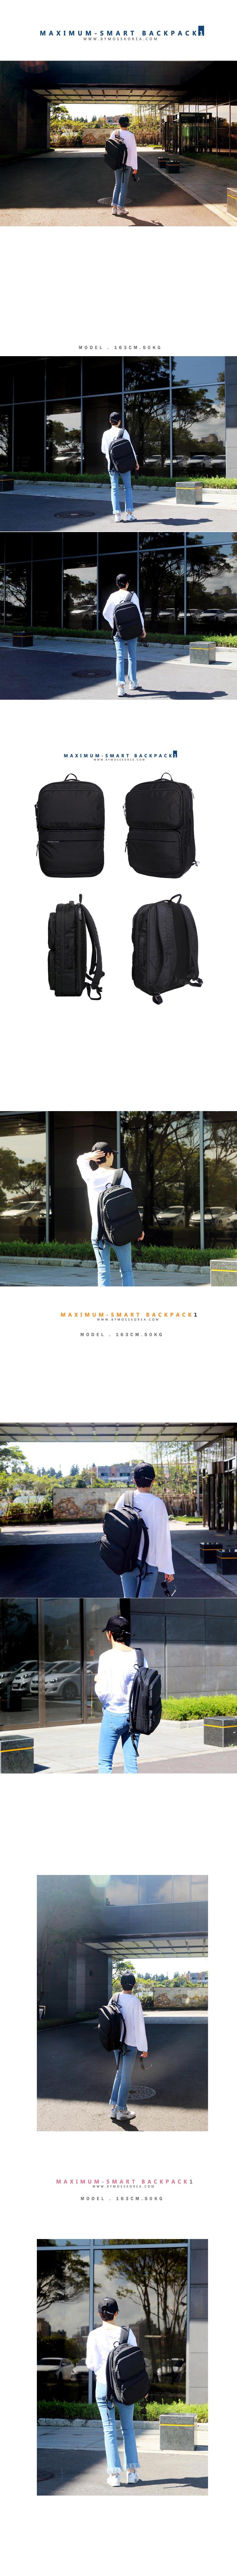 플레이어 단독특가 [바이모스] 백팩 맥시멈스마트백팩1탄 - 블랙 - 남자대학생백팩 대학생백팩 여자백팩